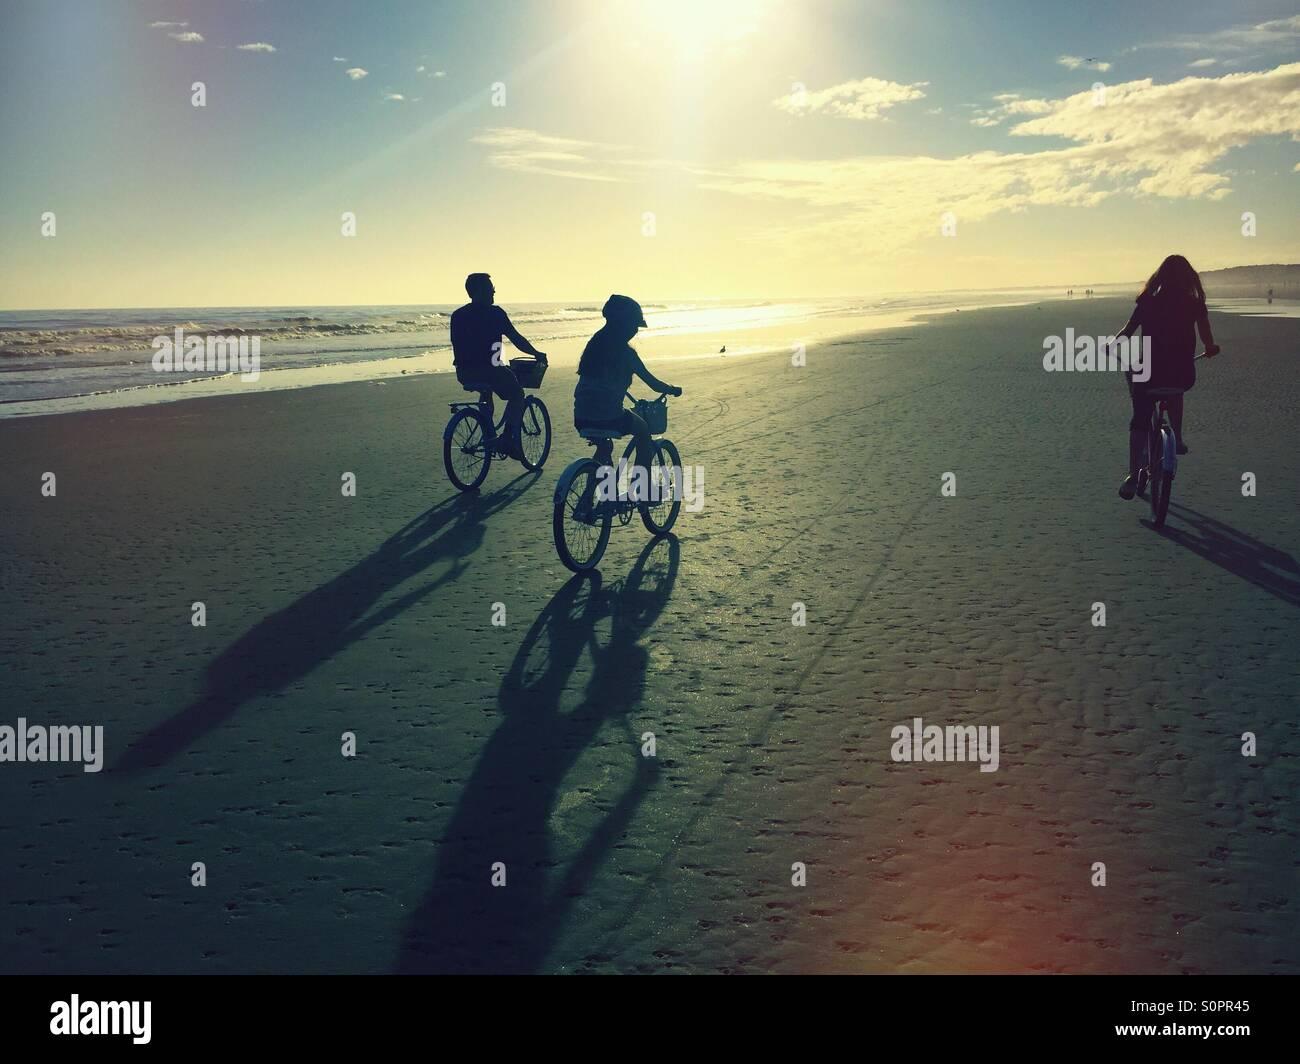 Familie Fahrradtouren in der Sonne am Strand von Kiawah Island, SC Sie sind gegen den Himmel abhebt. Stockbild